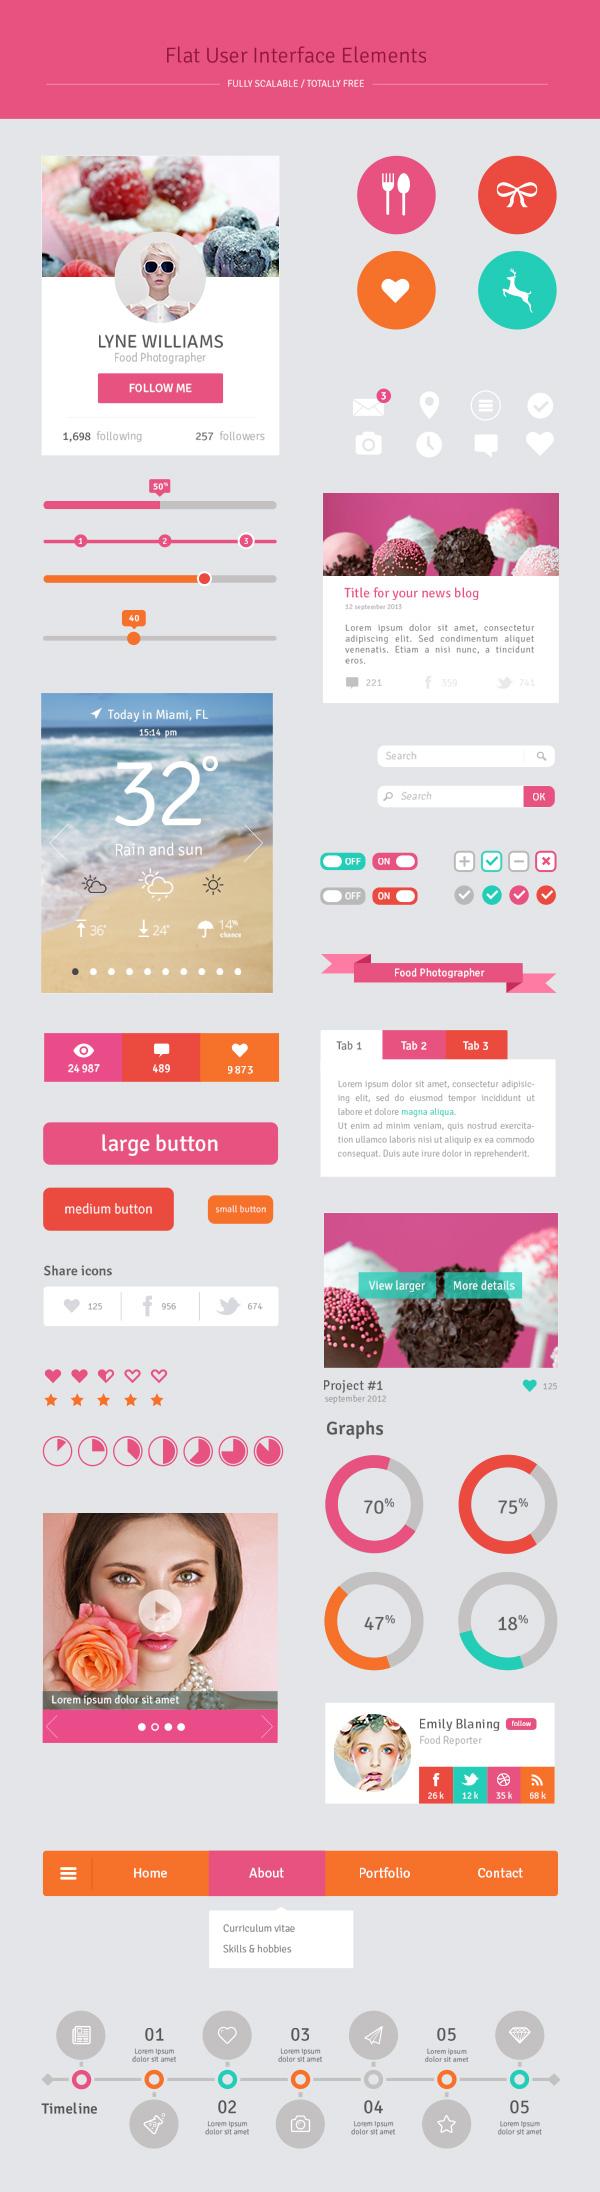 Free Flat UI Elements